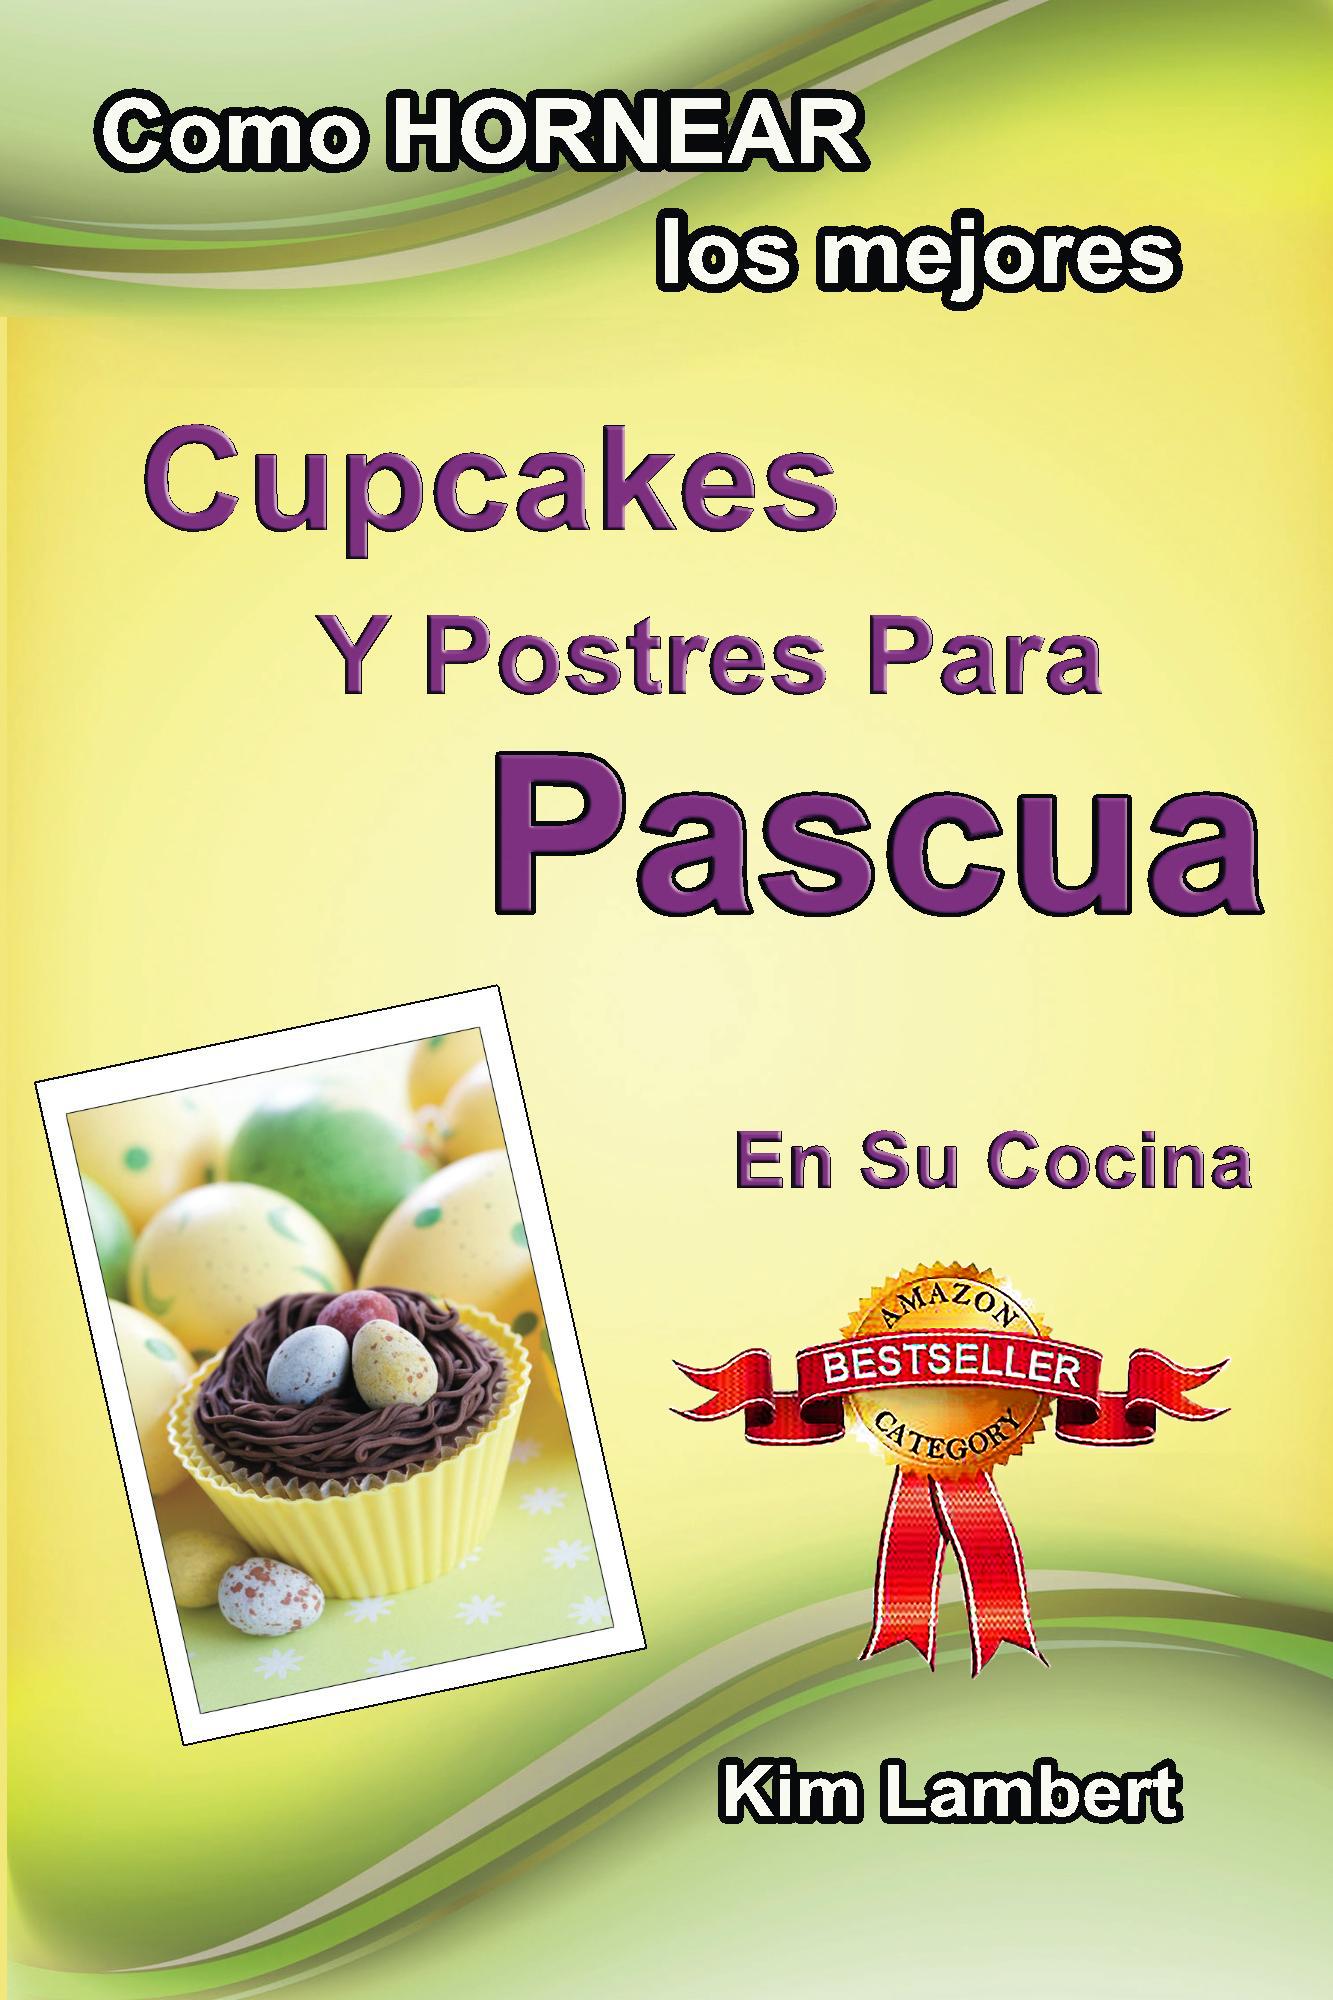 Cupcakes y Postres Para Pasuca